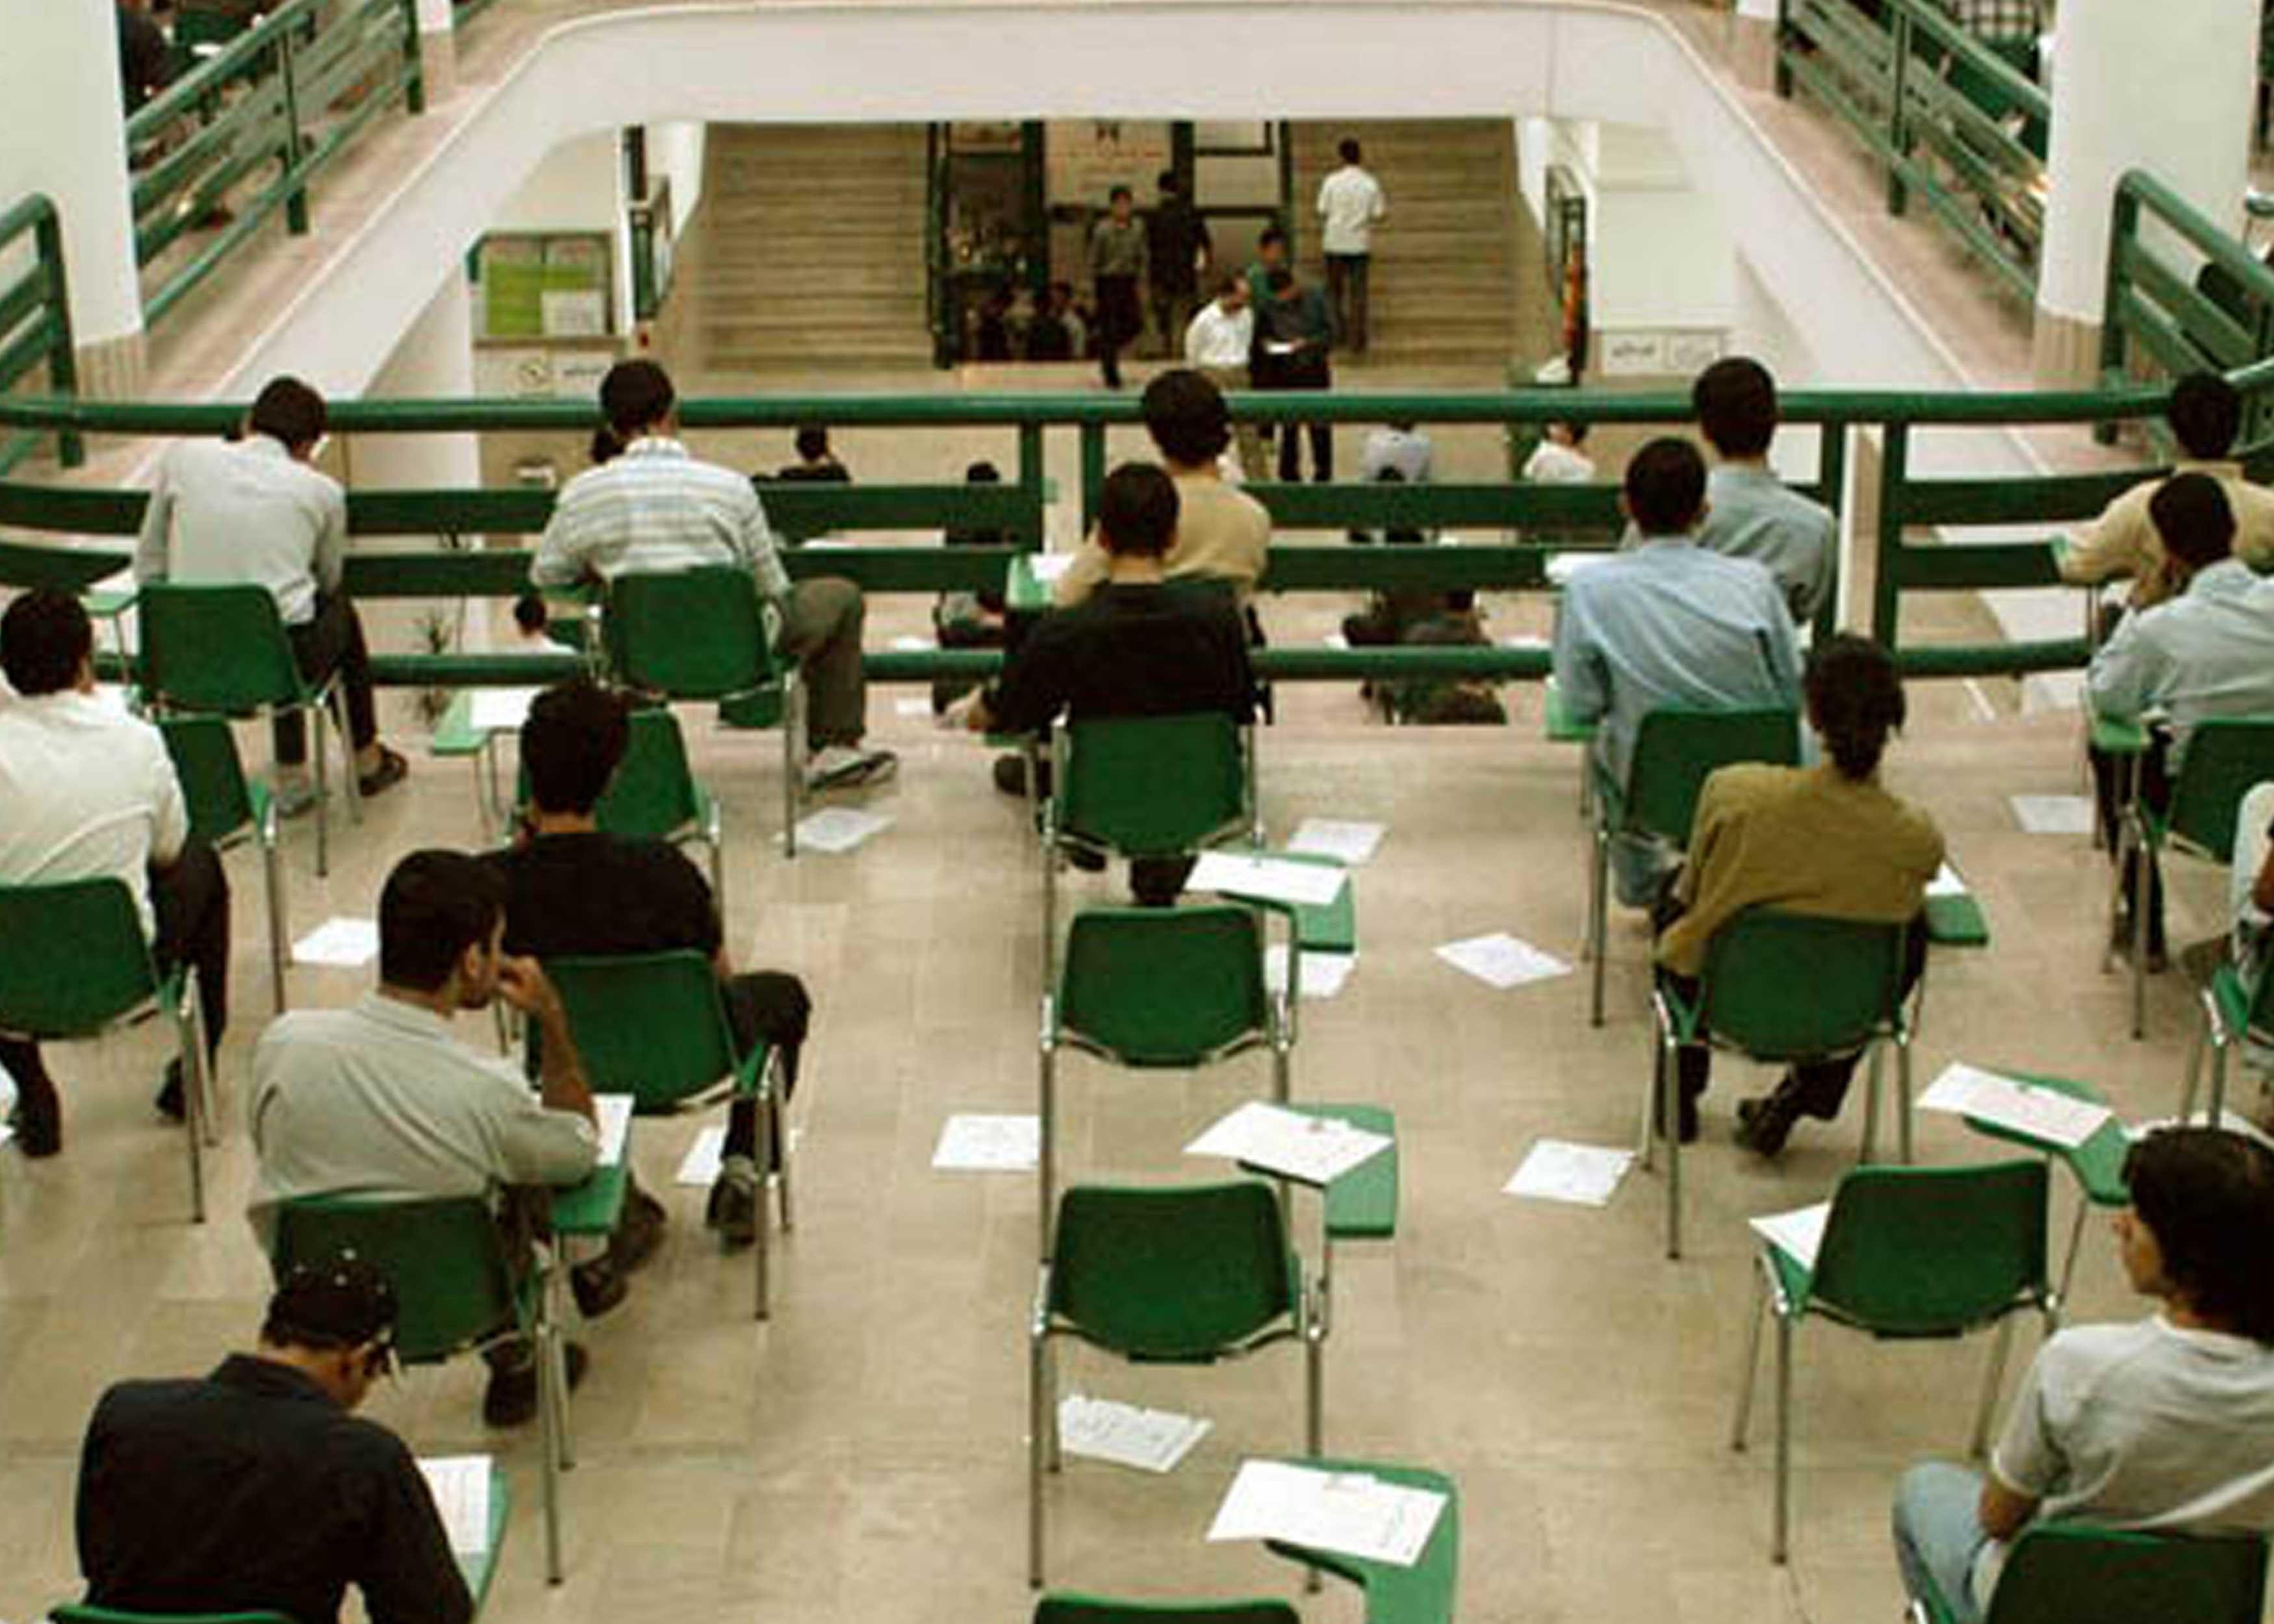 اغلب فارغ التحصیلان دانشگاهی بدون مهارت ورود به بازار کار هستند